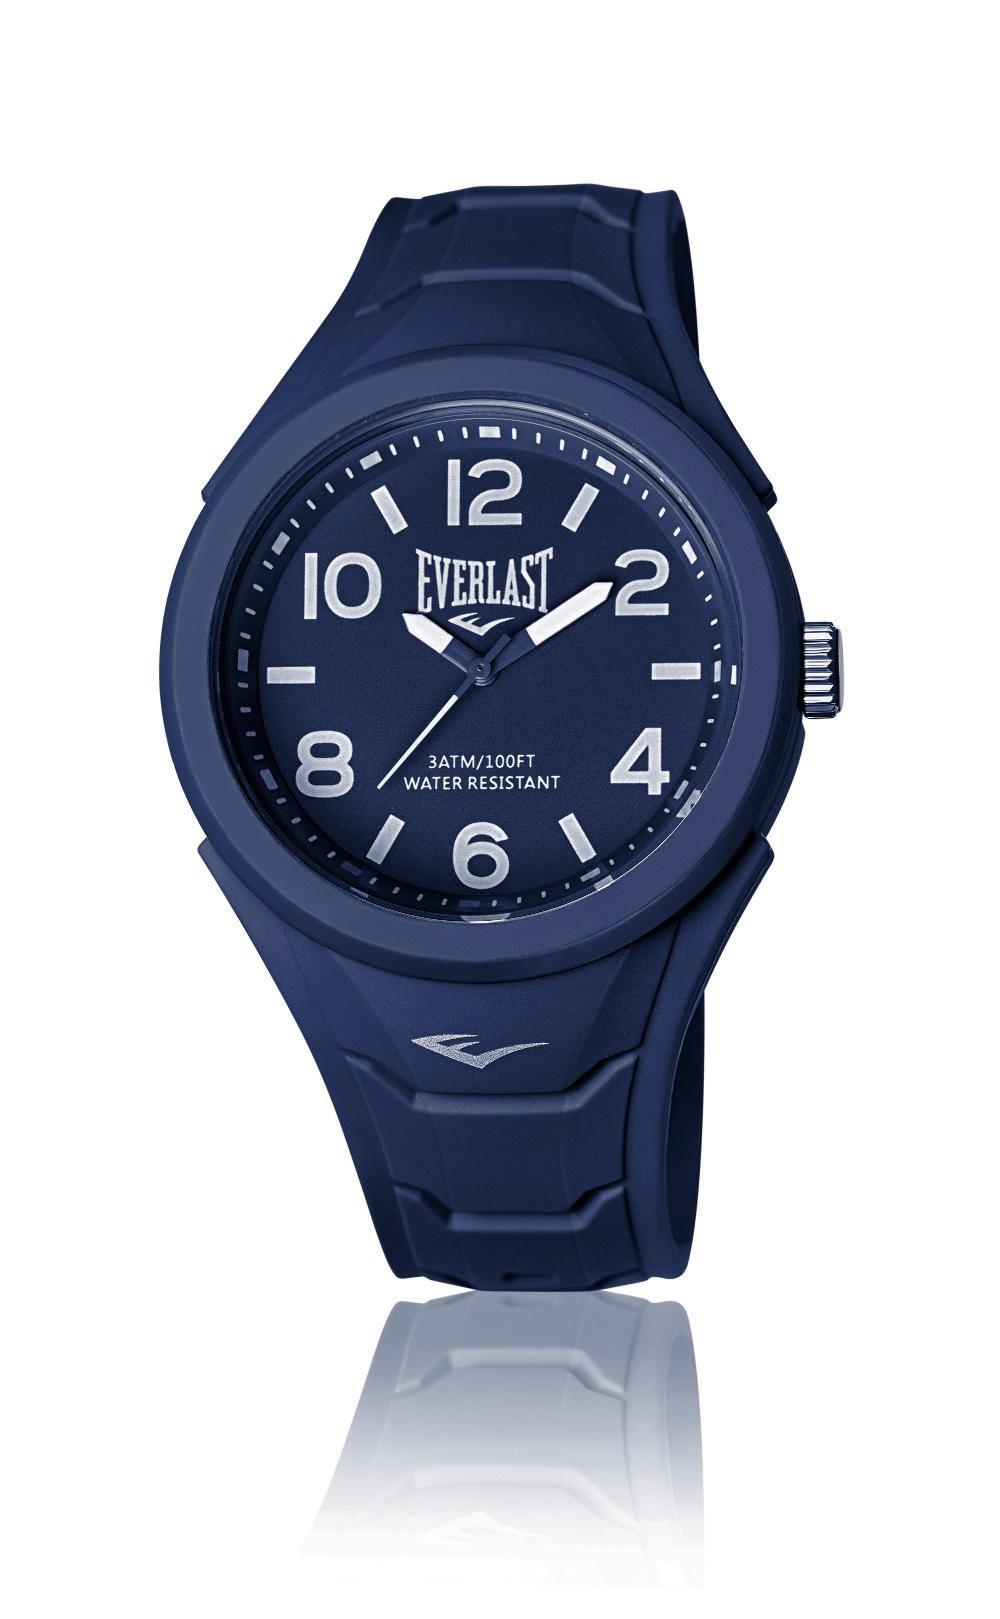 Relógio Masculino Everlast Esporte E703 45mm Silicone Azul